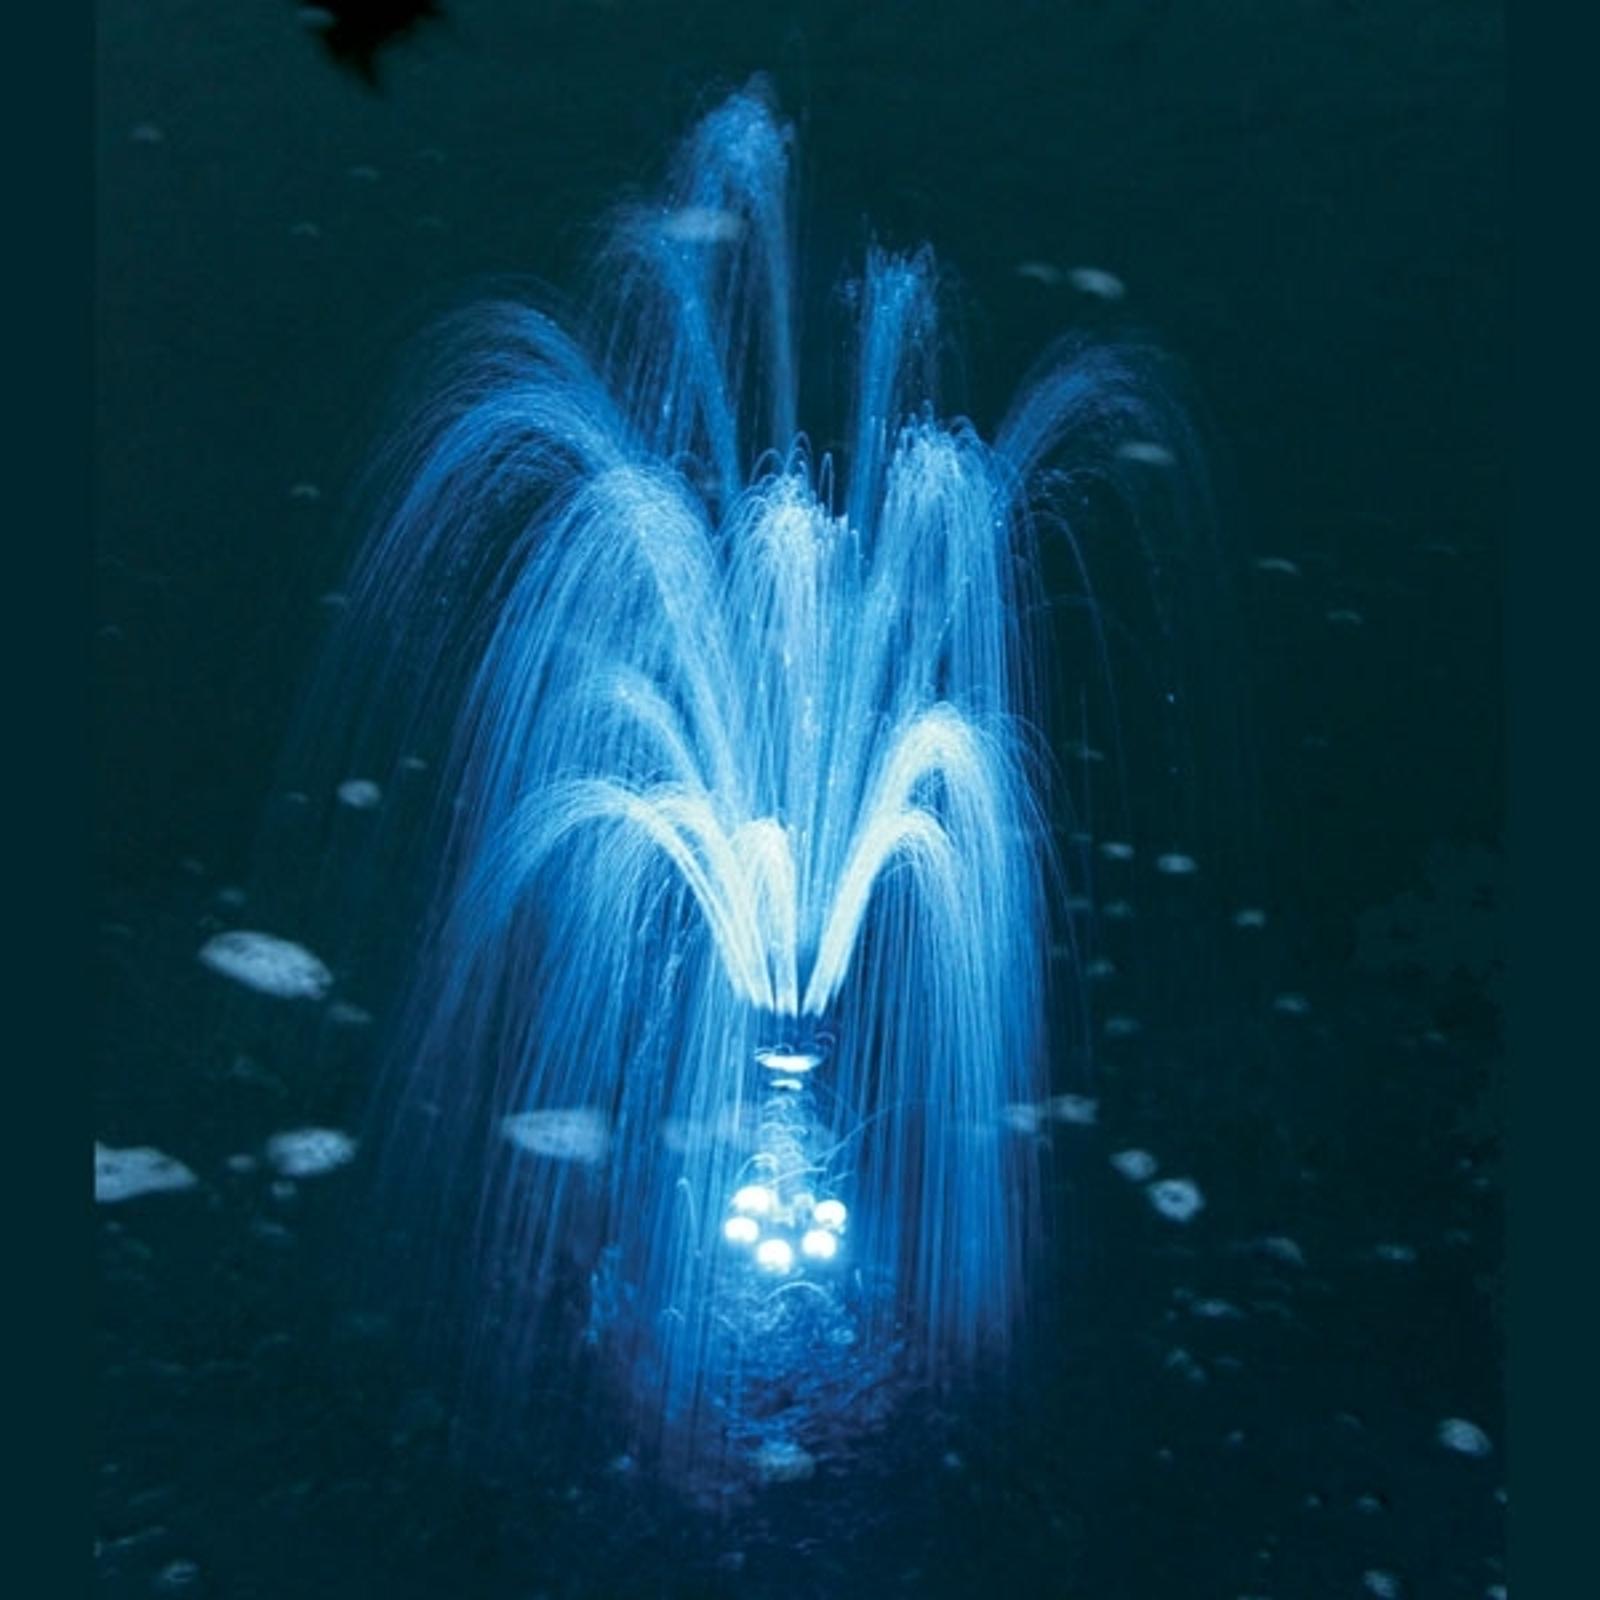 LED-lysring for dampumper Napoli / Siena blå